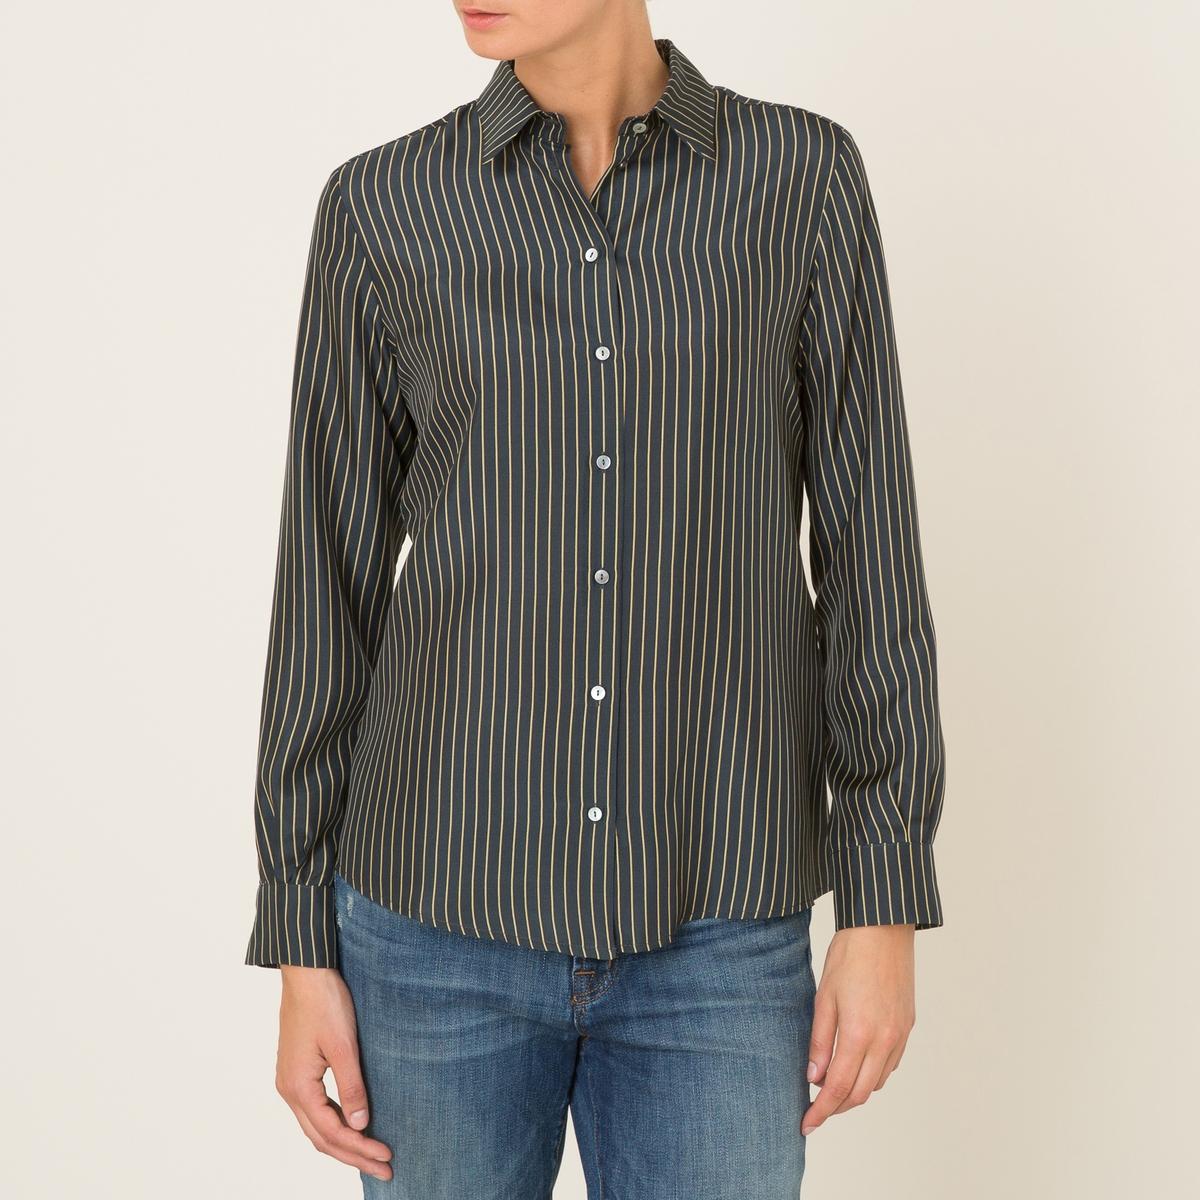 Рубашка ARESРубашка - модель ARES 100% шелк. Прямой покрой. Воротник со свободными уголками. Застежка на пуговицы. Длинные рукава с манжетами на пуговицах.Состав &amp; Детали :Материал : 100% шелк.Марка : BA&amp;SH<br><br>Цвет: черный